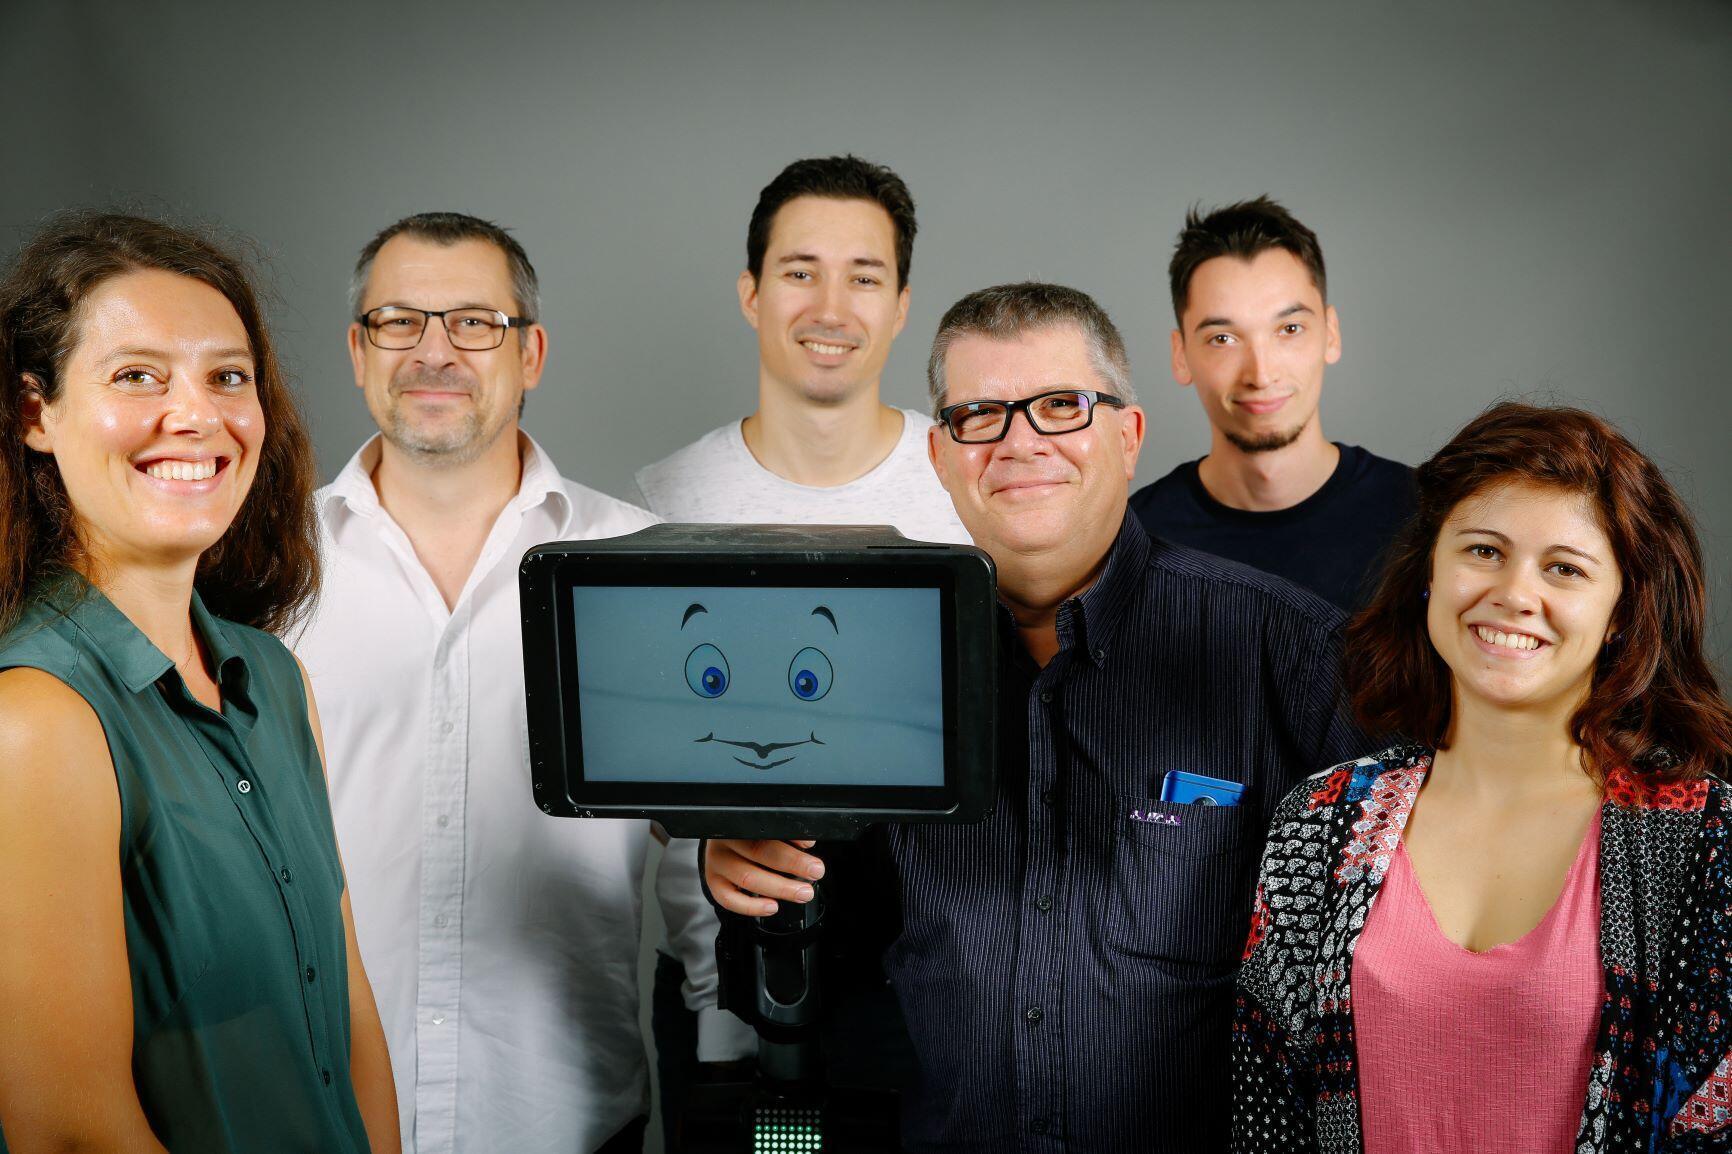 L'équipe d'Axyn Robotique, qui a conçu l'Ubbo Expert.